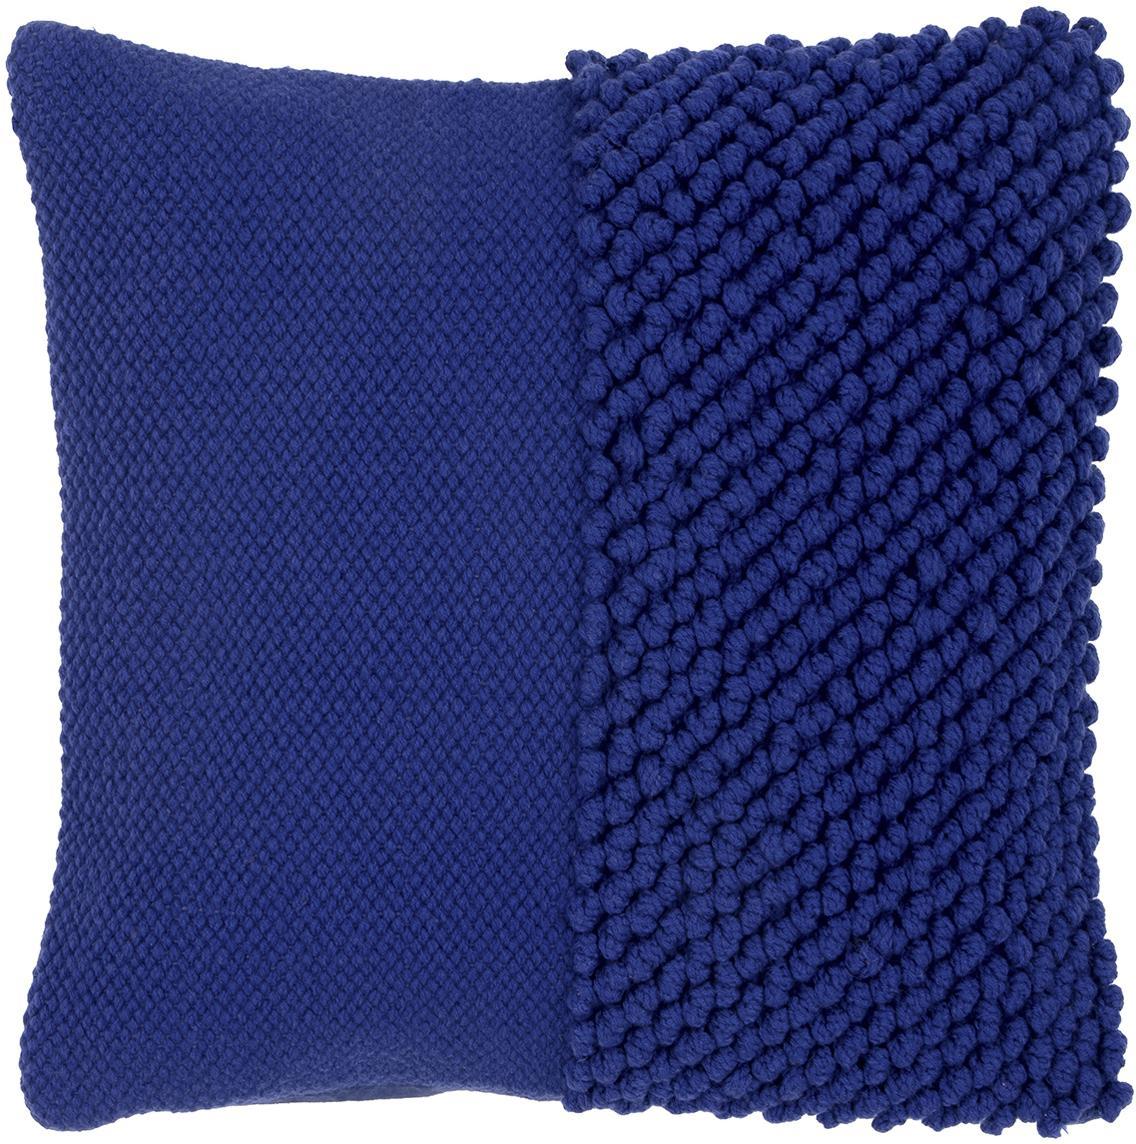 Kissenhülle Andi mit strukturierter Oberfläche, 80% Acryl, 20% Baumwolle, Blau, 40 x 40 cm